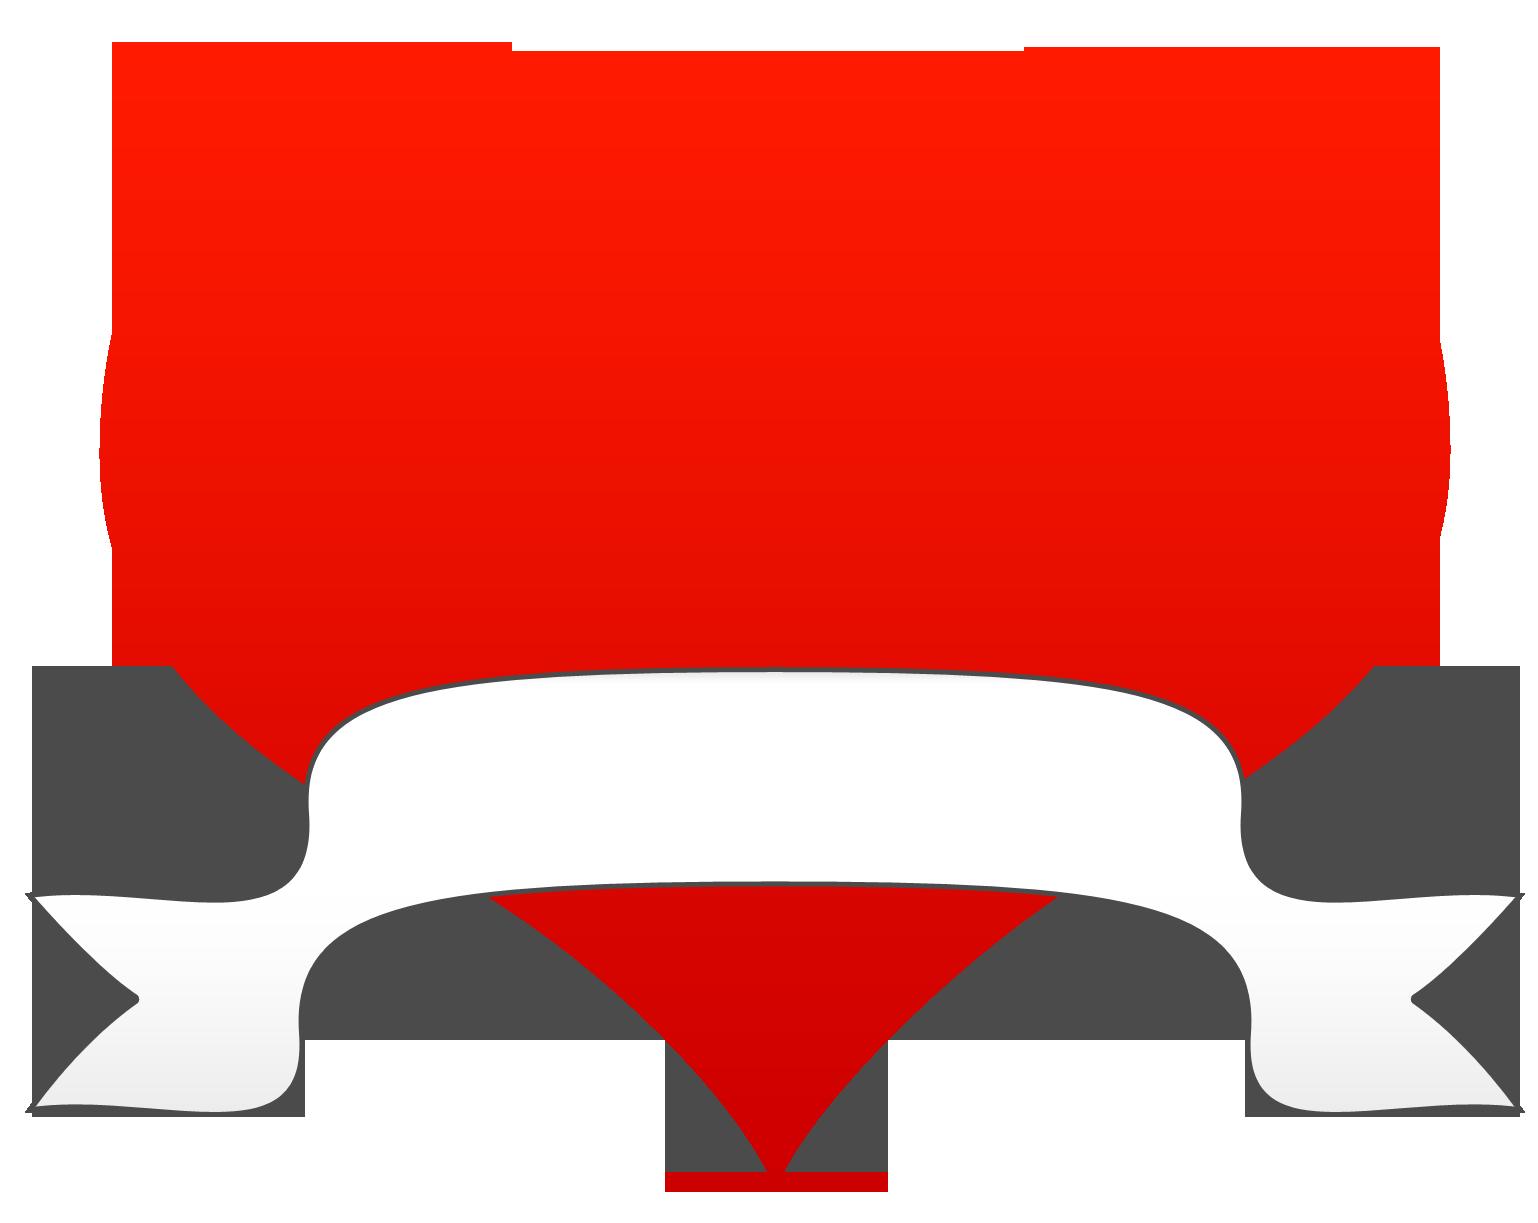 Clip Art Of A Heart